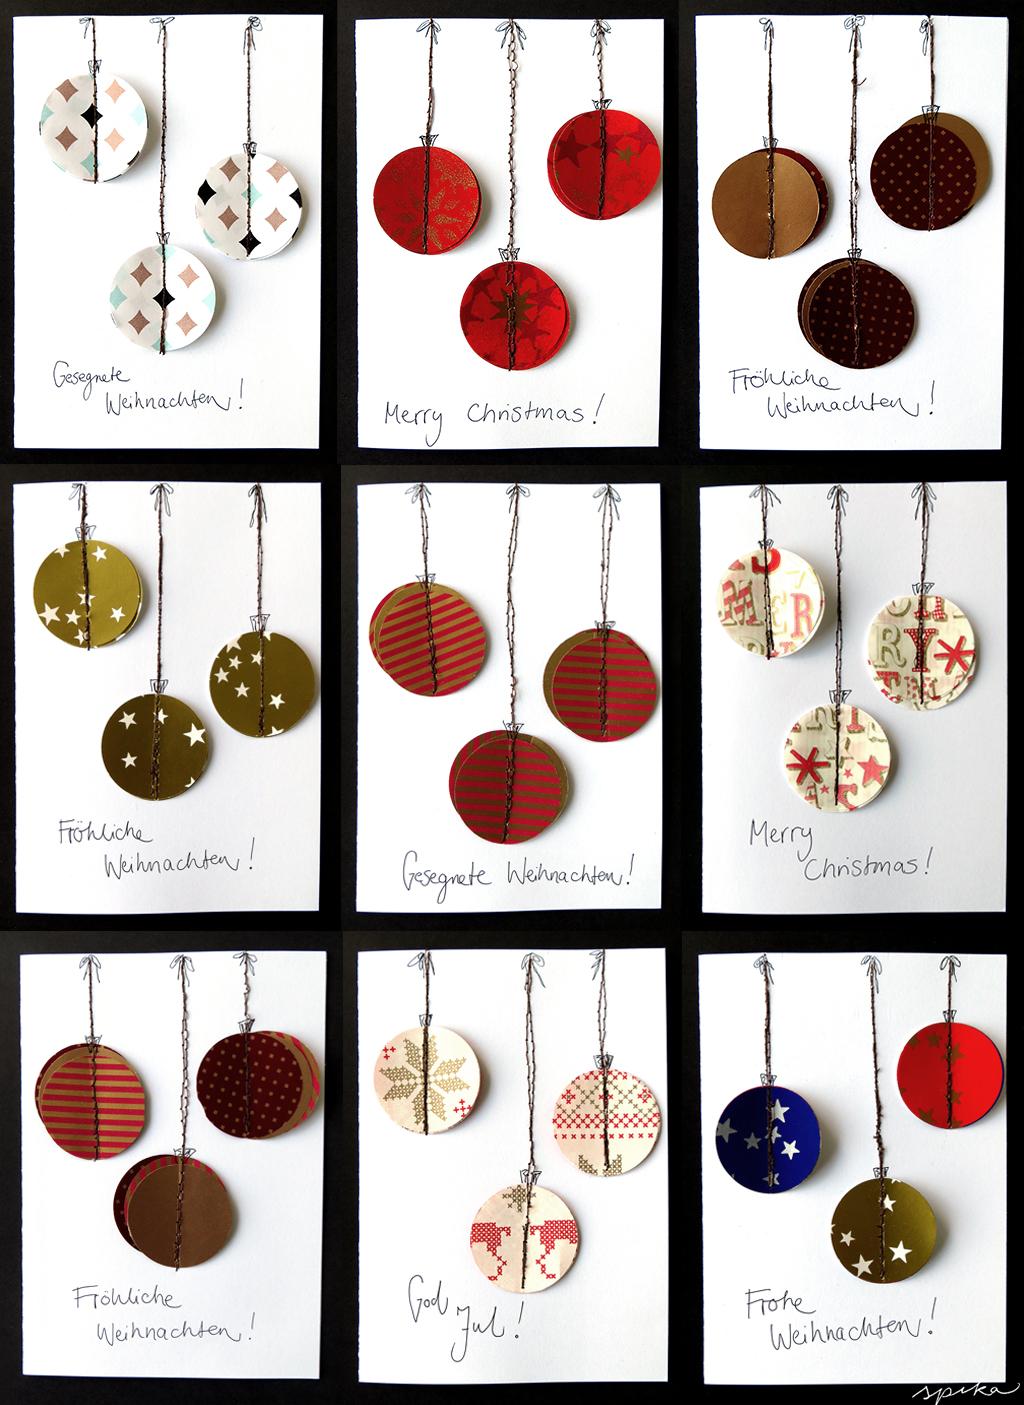 151205_weihnachtskarten